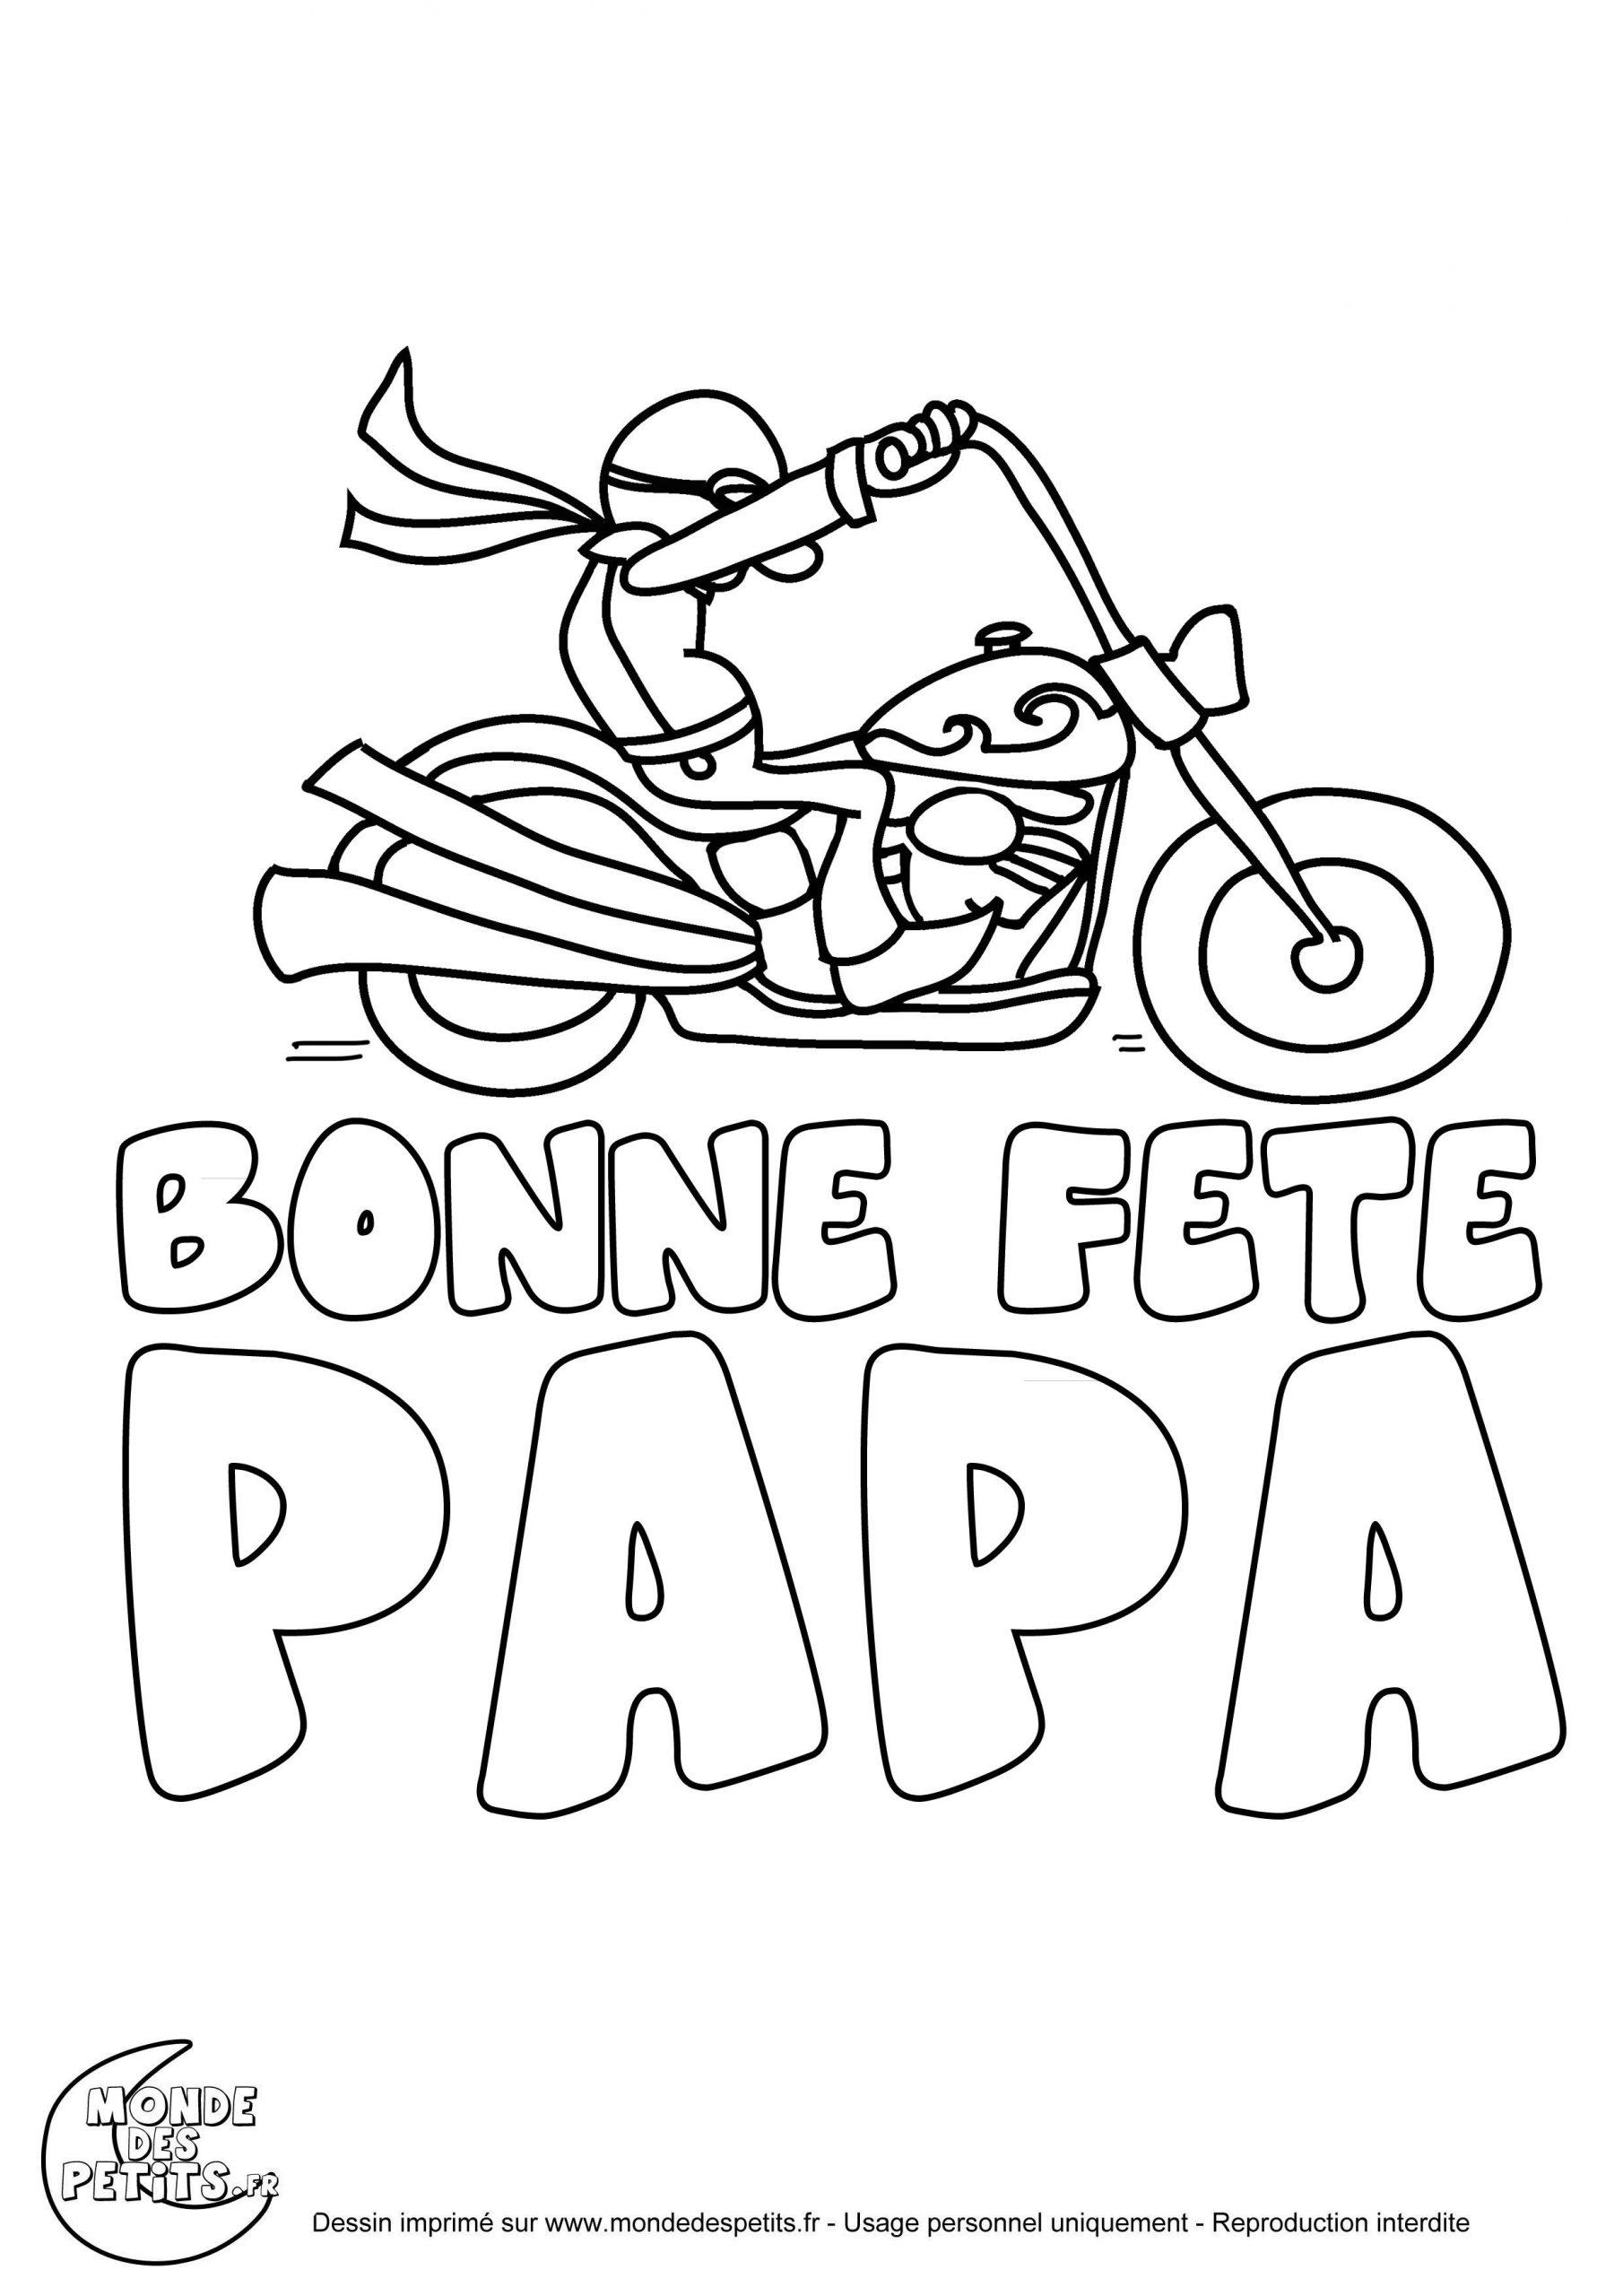 Coloriage Moto Fête Des Pères | Coloriage Fete Des Peres dedans Coloriage Fete Des Peres A Imprimer Gratuit